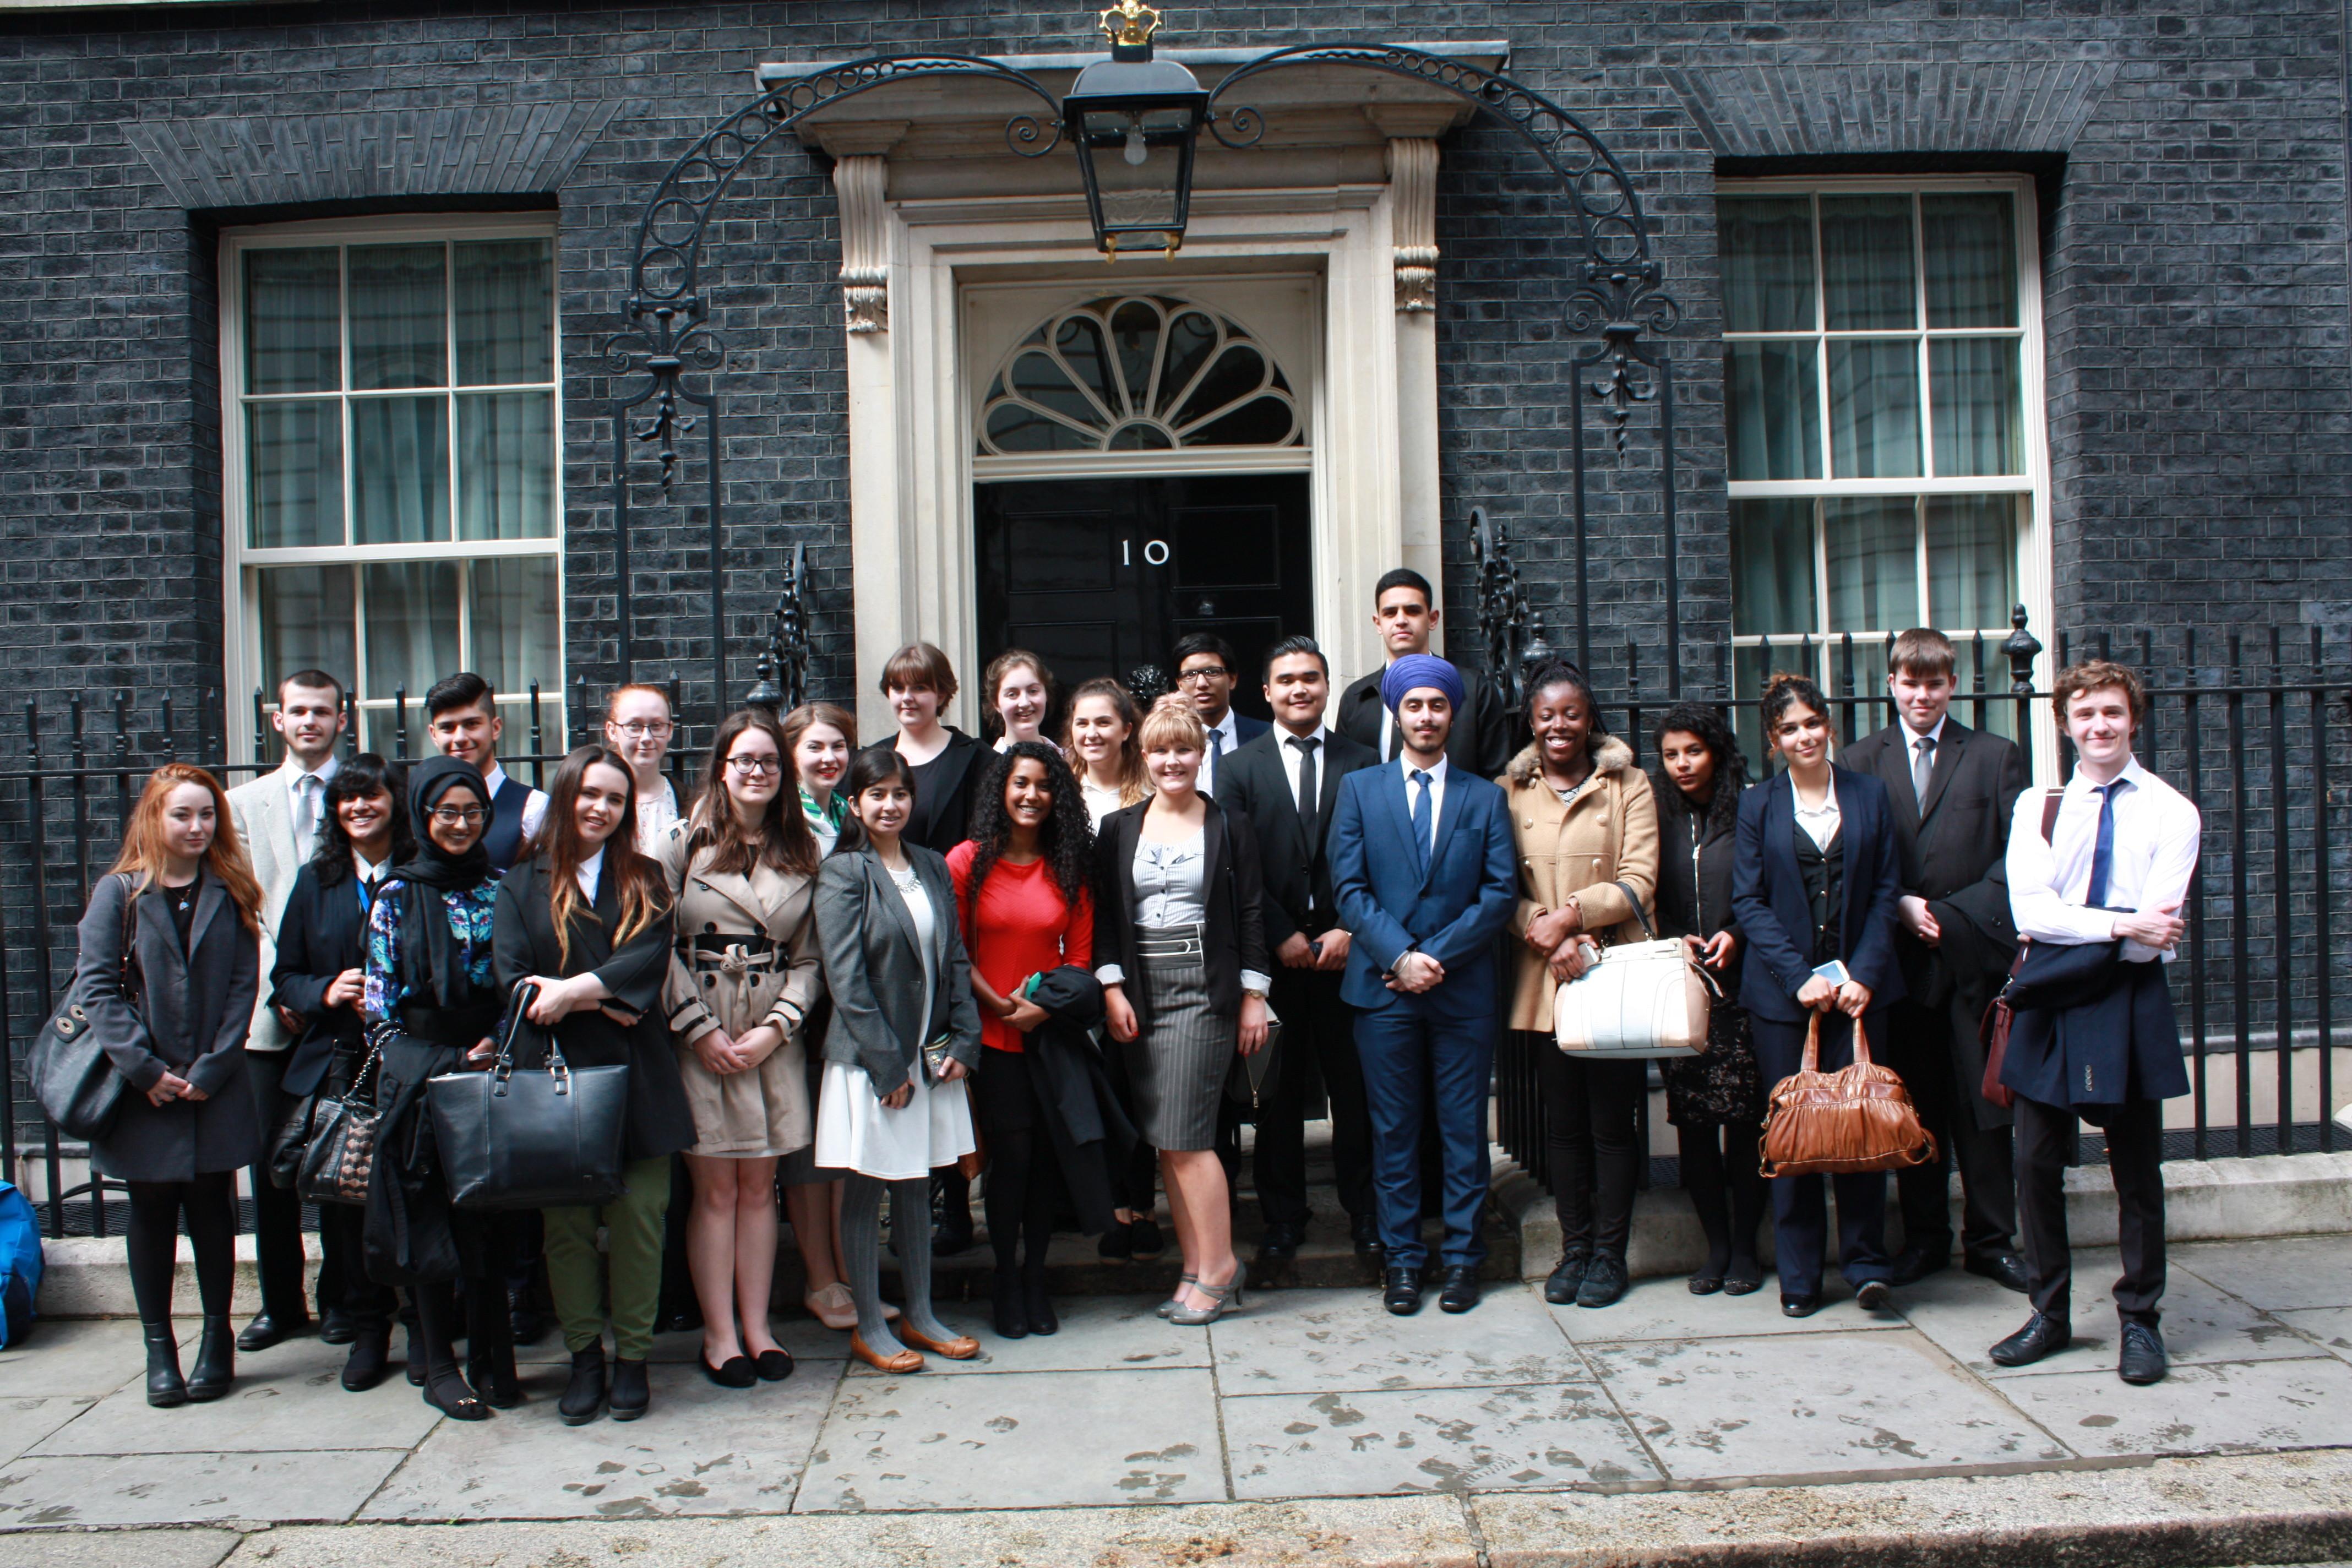 No 10 Group Photo